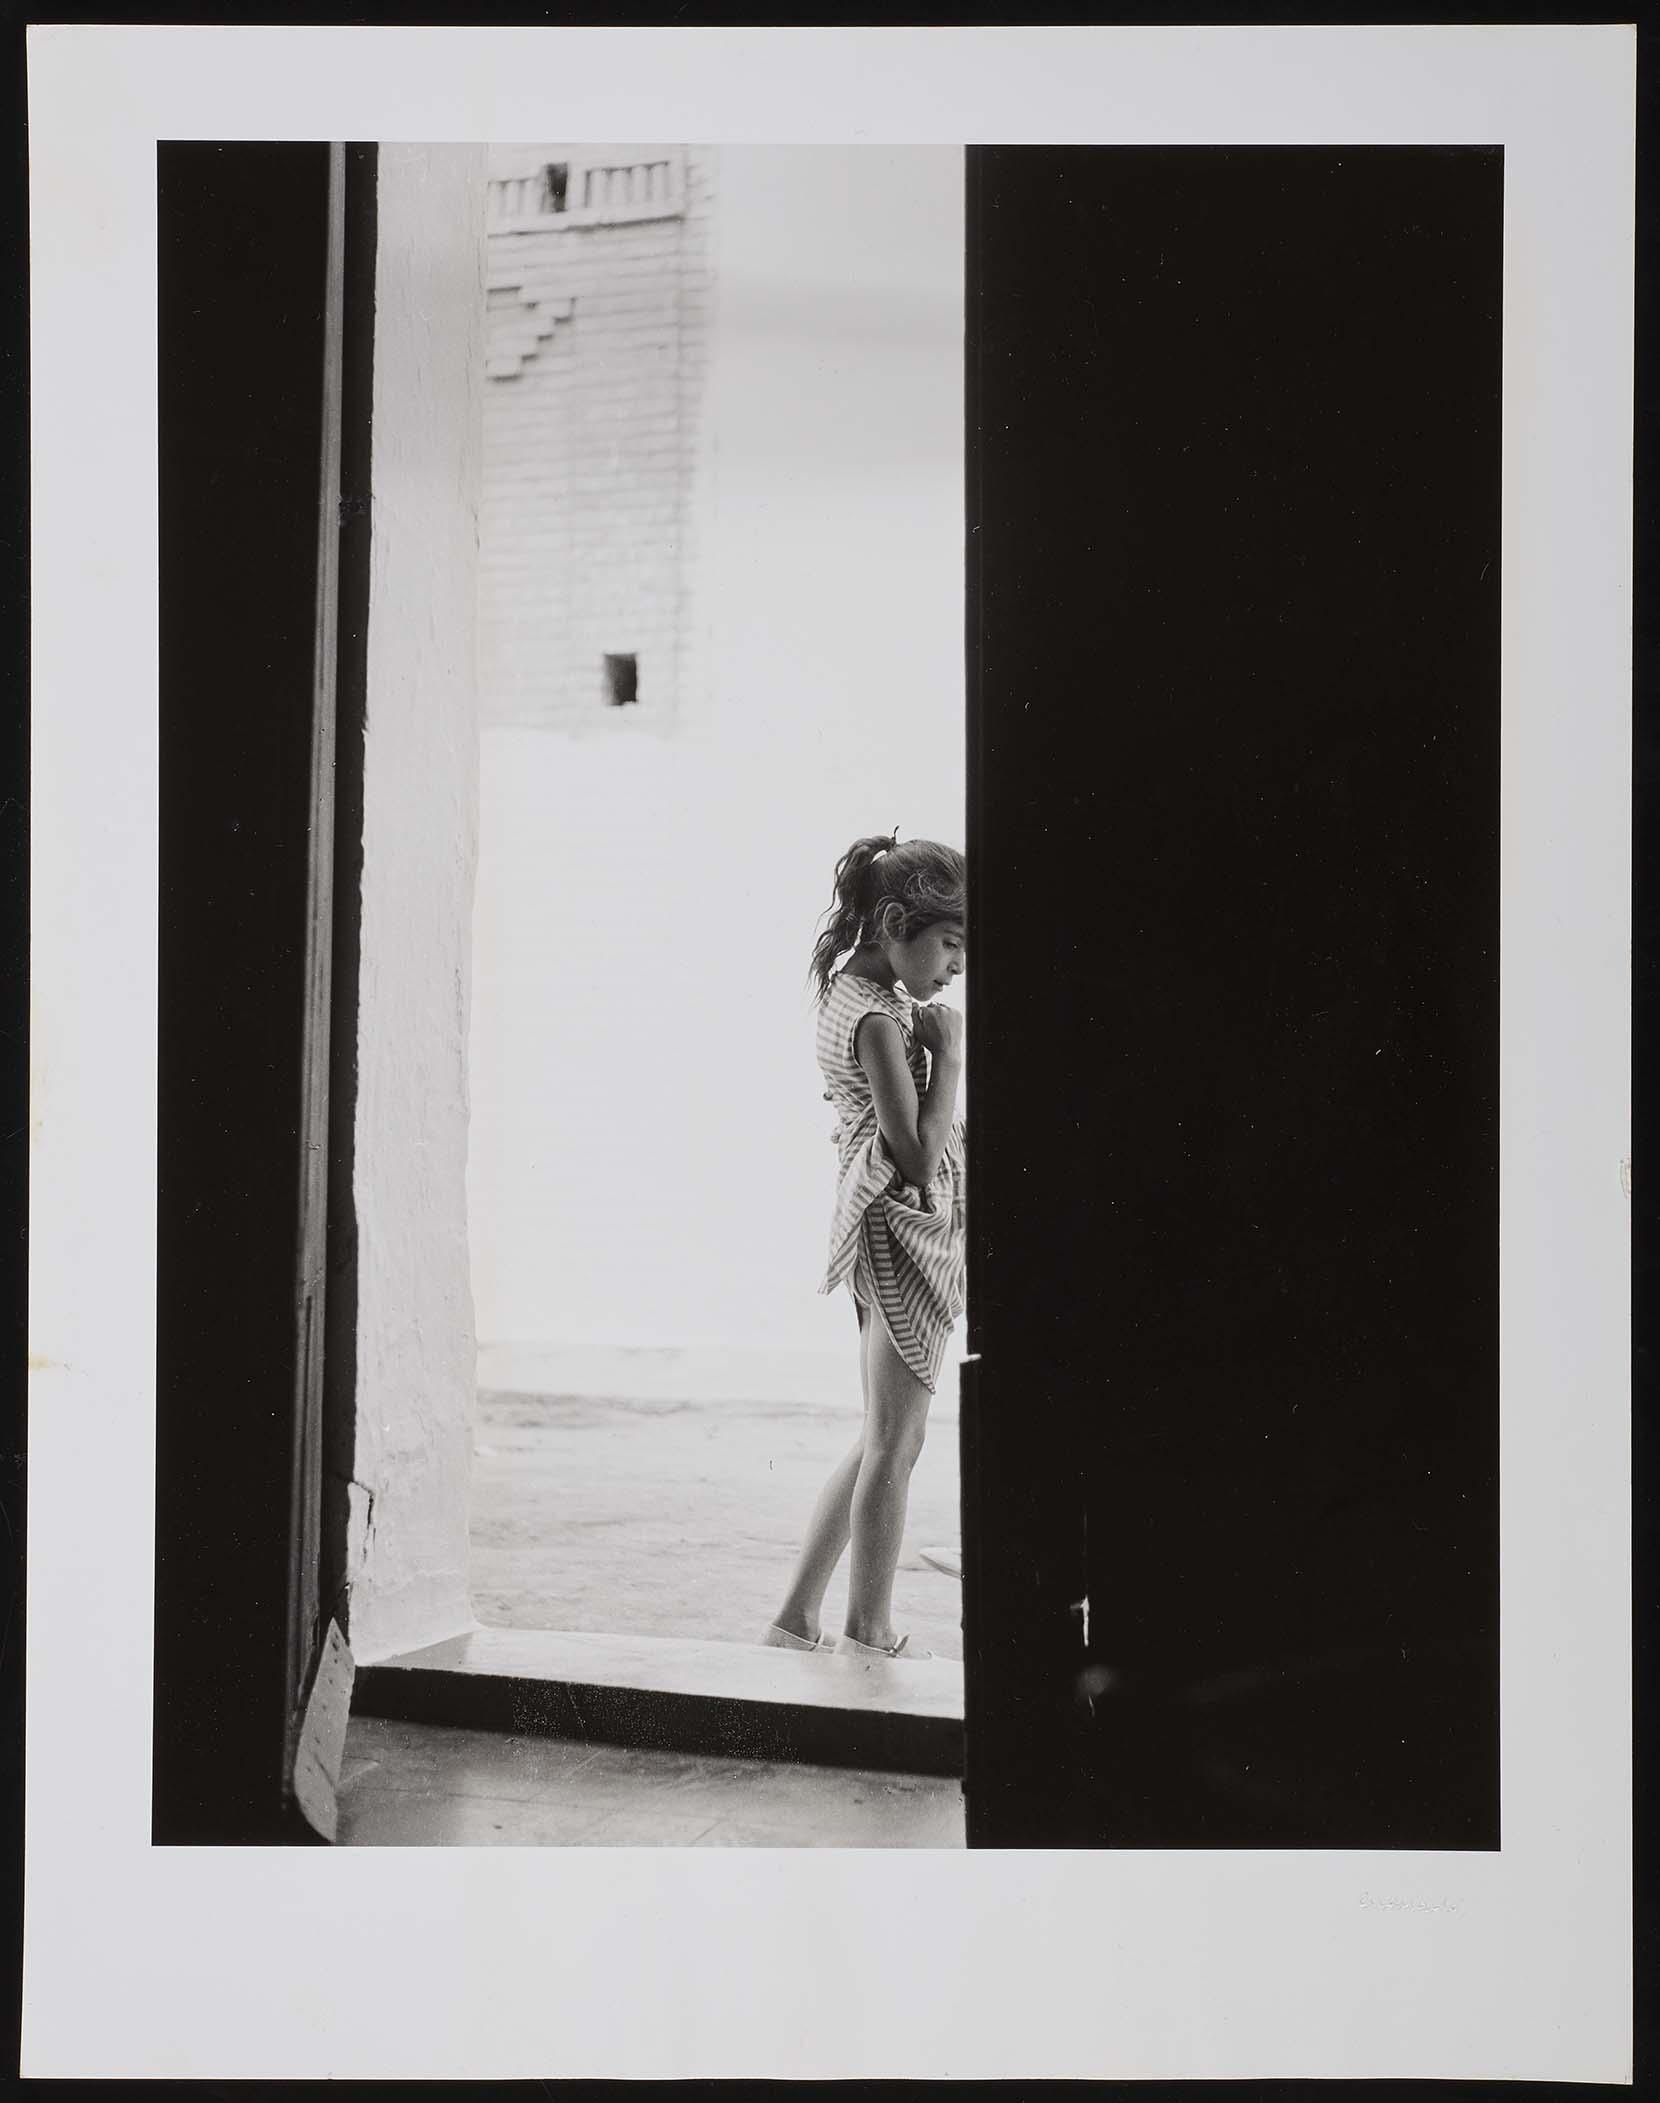 La niña del anuario Afal (1957) - Gabriel Cualladó